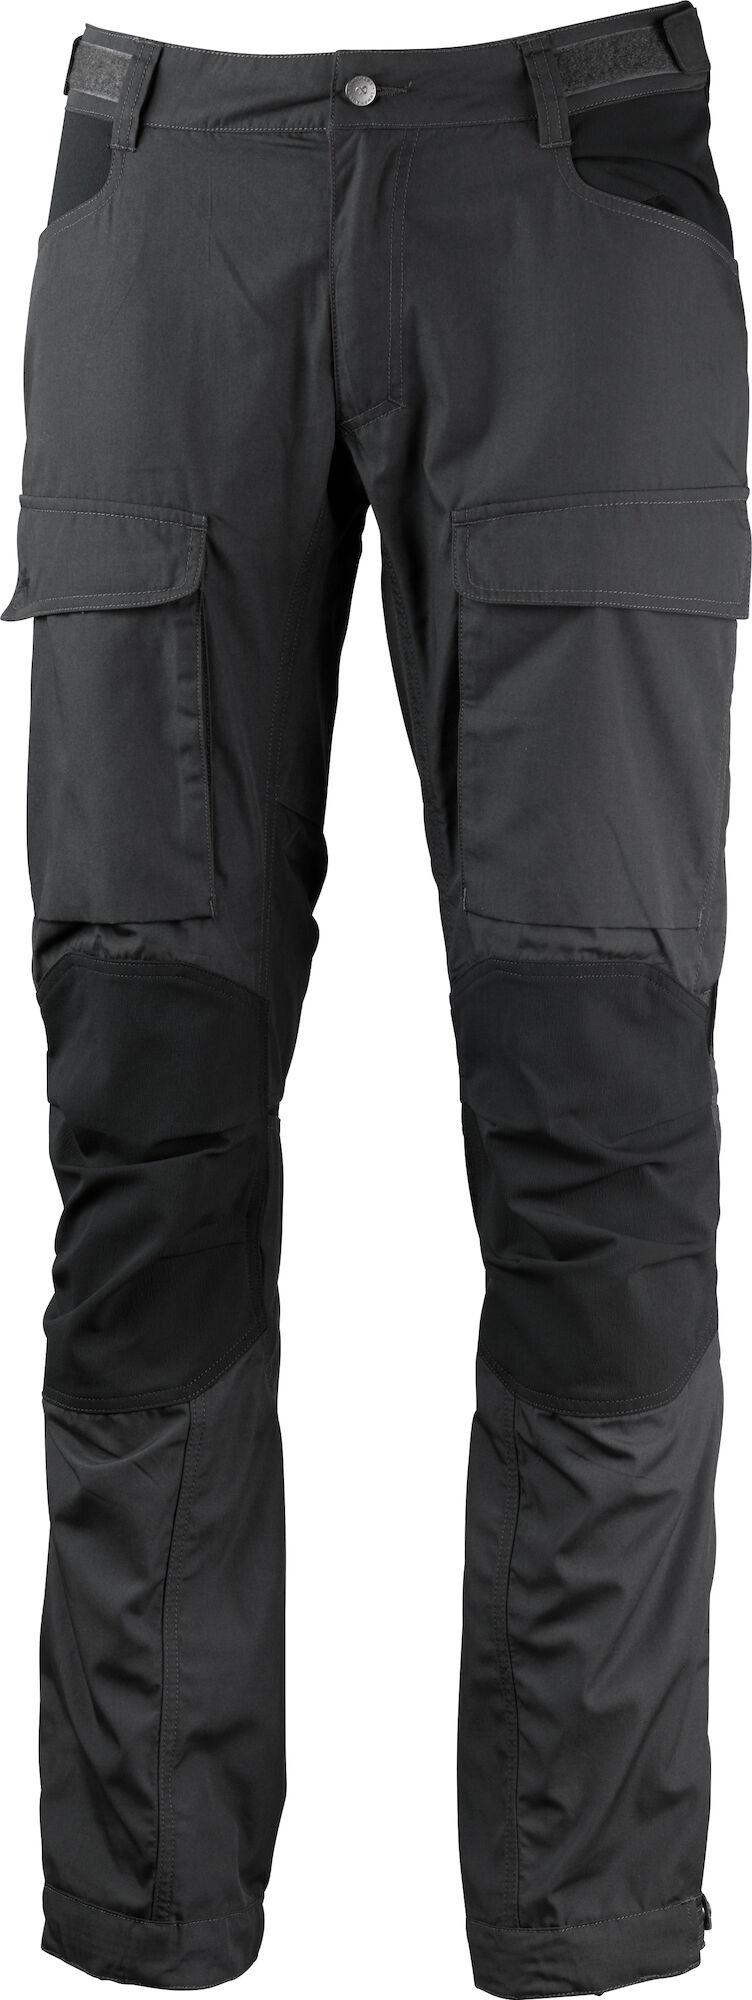 Bukser til herre | Lundhags